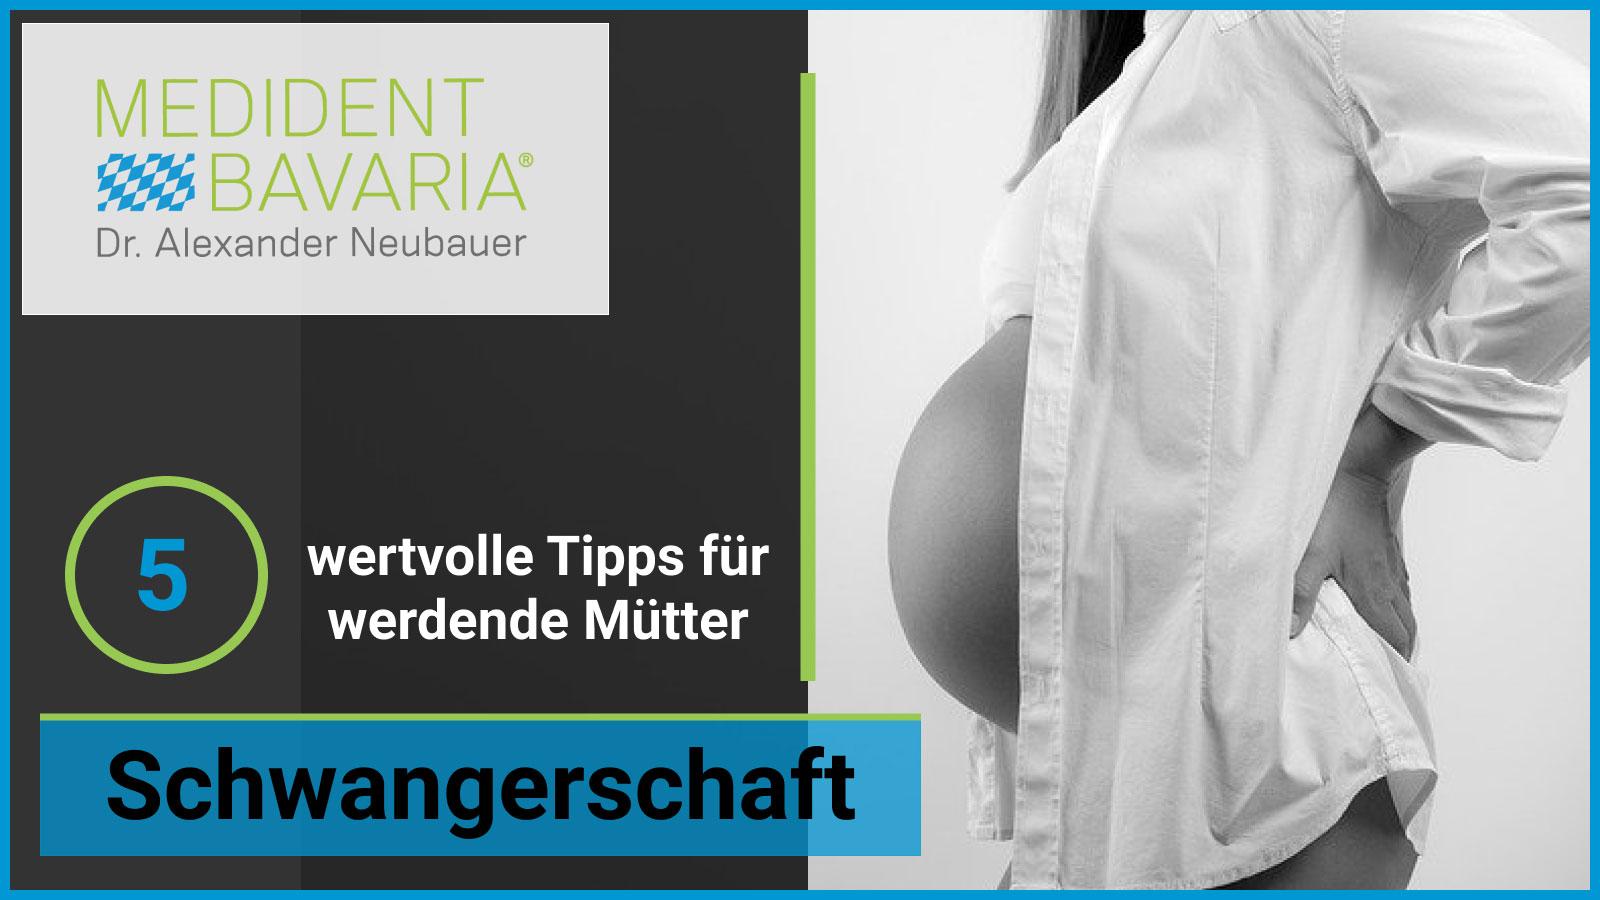 Schwangerschaft – 5 wertvolle Tipps für werdende Mütter!